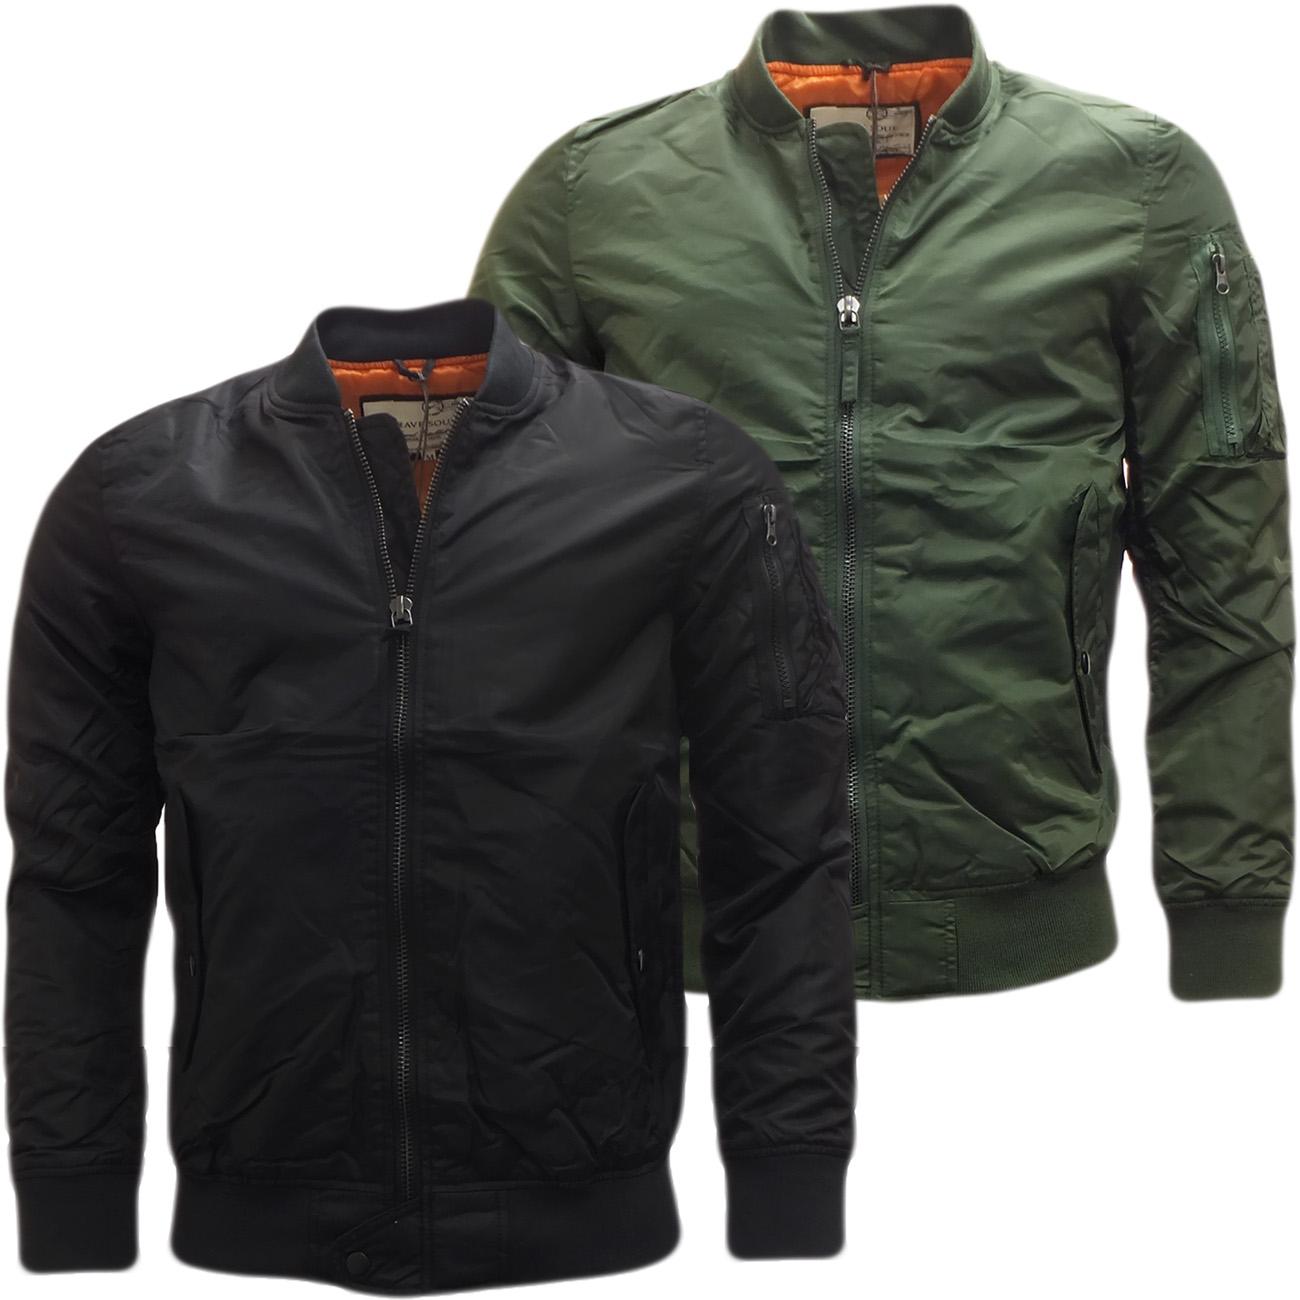 mens jackets brave soul bomber jacket 39 oslo 39 ebay. Black Bedroom Furniture Sets. Home Design Ideas